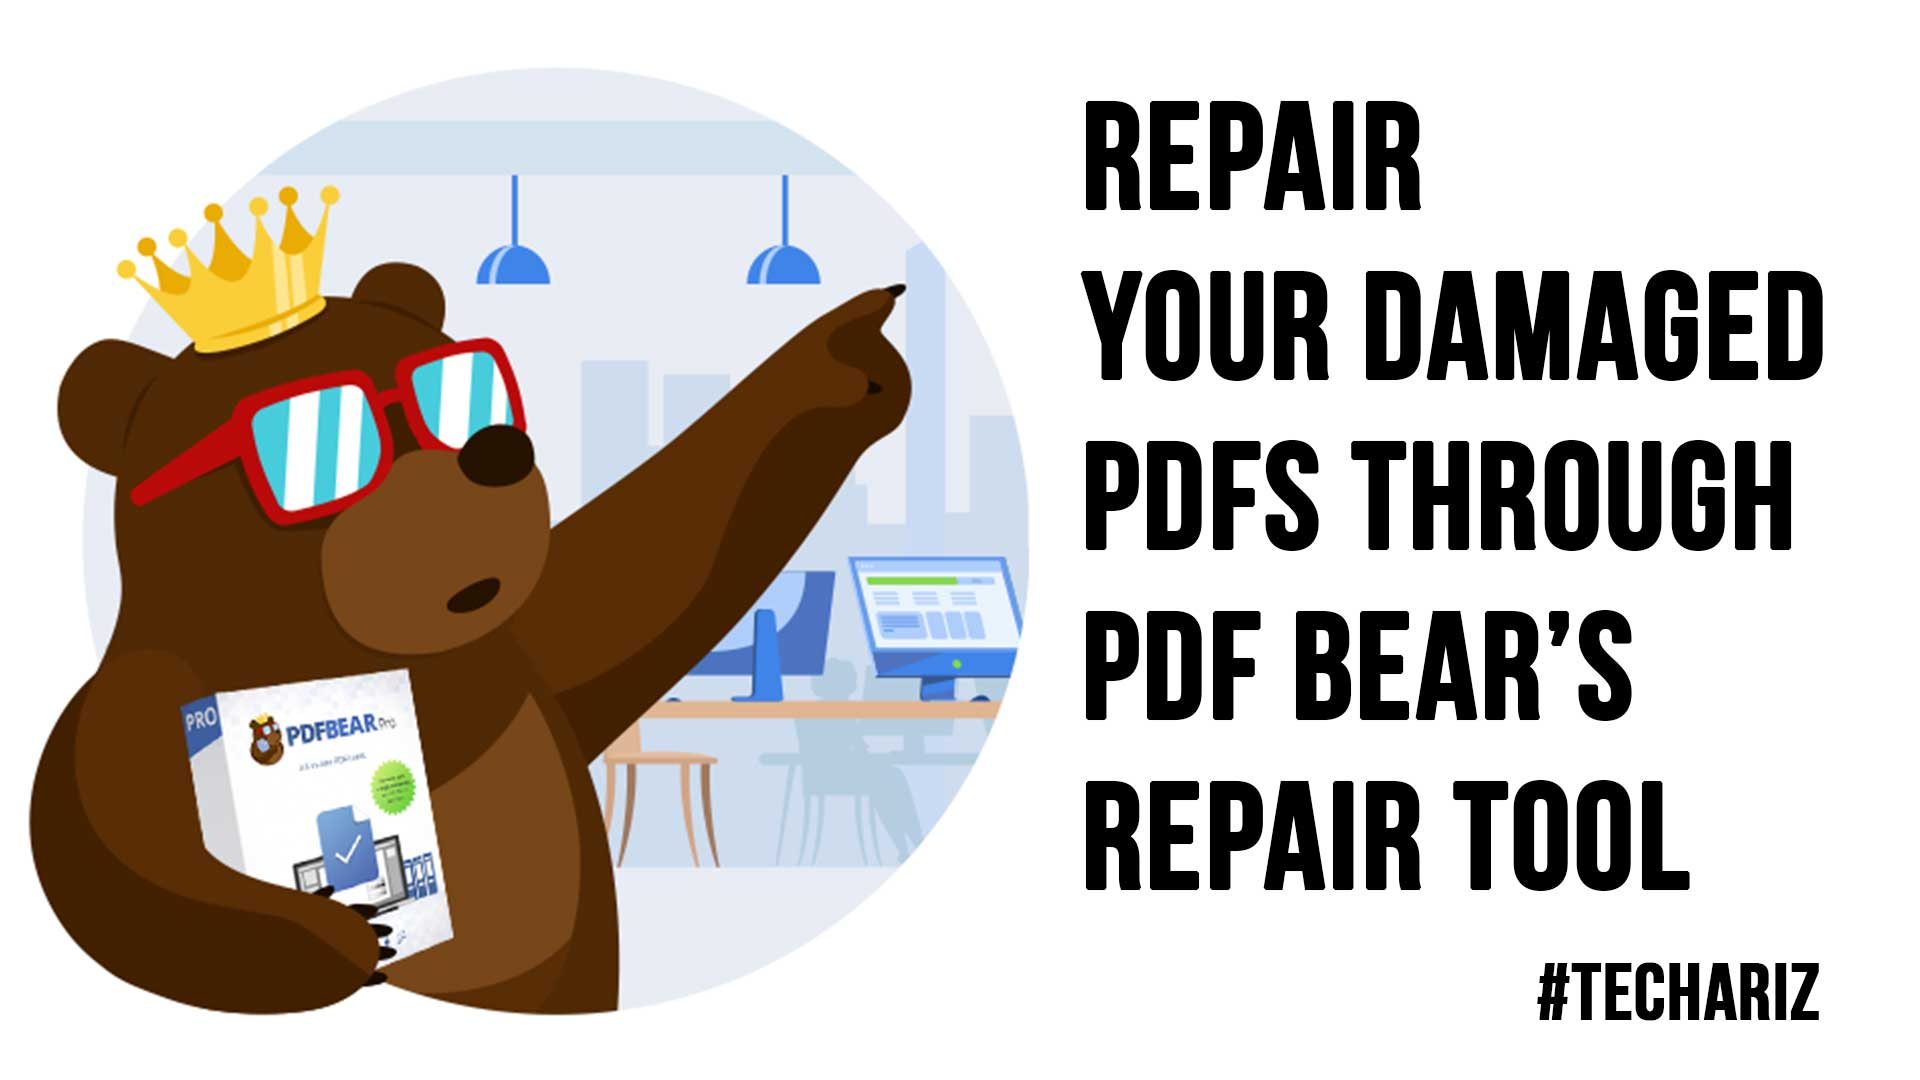 Repair Your Damaged PDFs Through PDF Bear Repair Tool